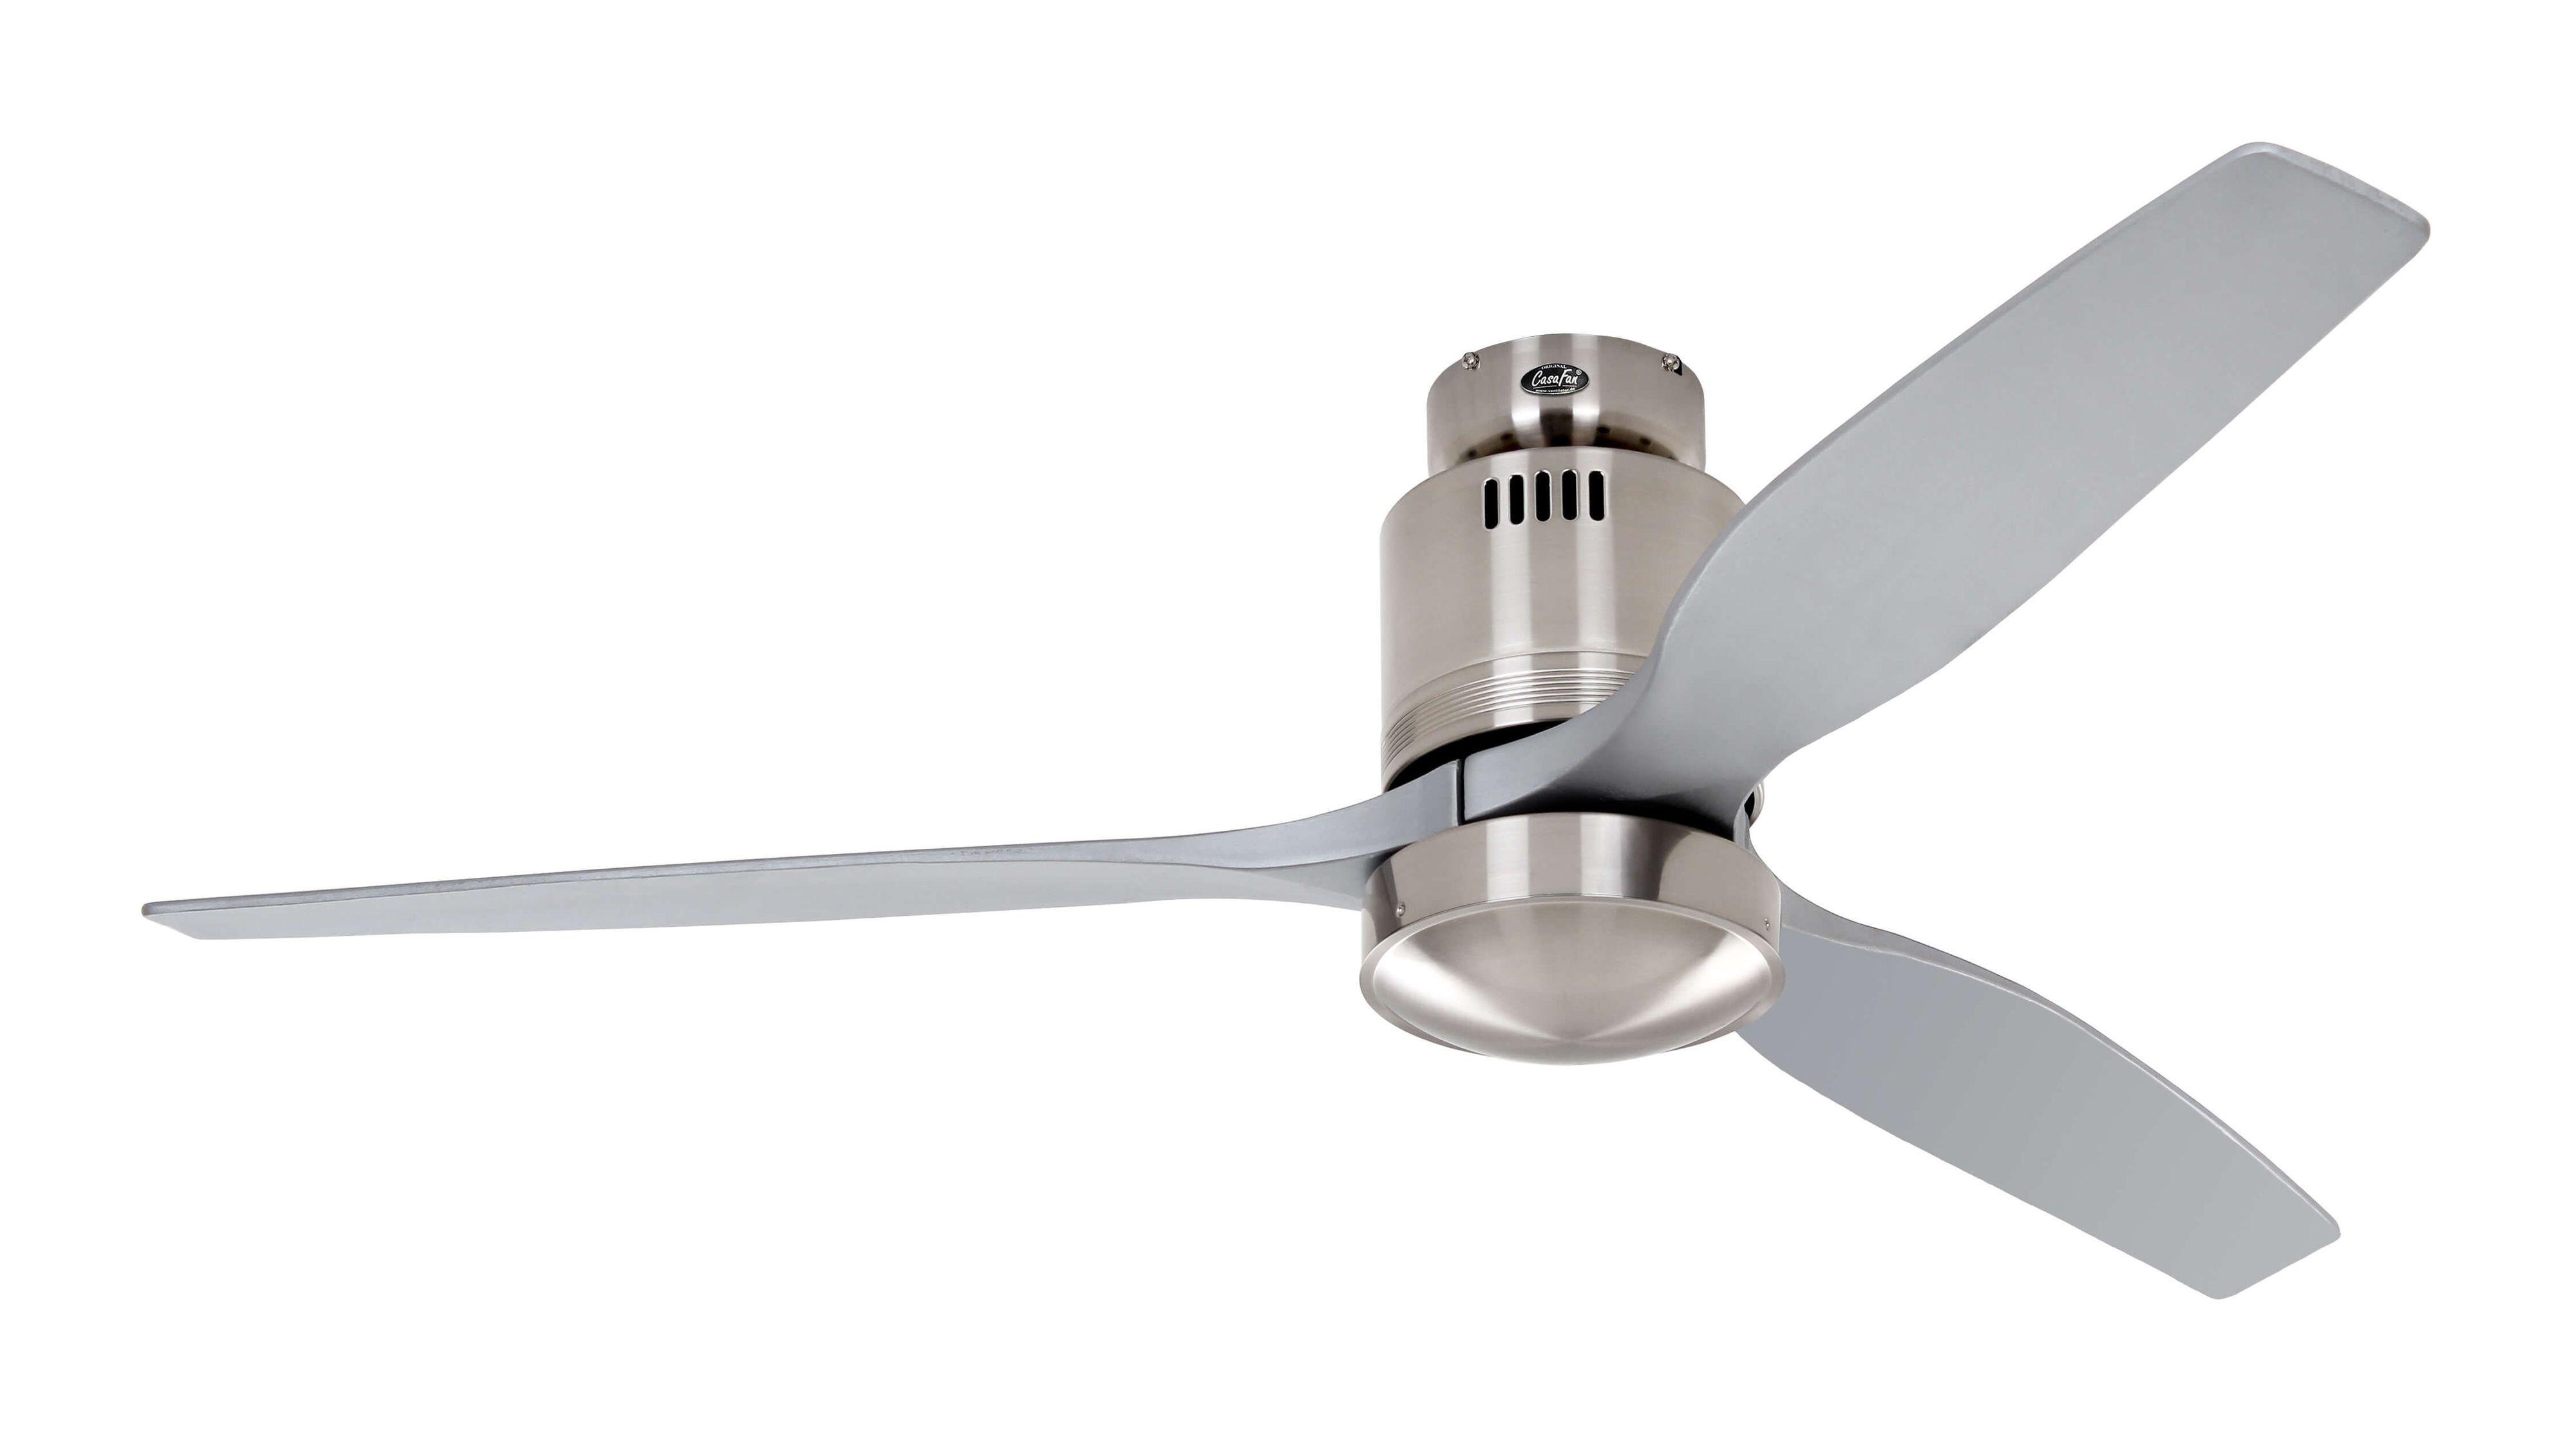 Ventilateur de plafond Aerodynamix Chrome brossé Argent